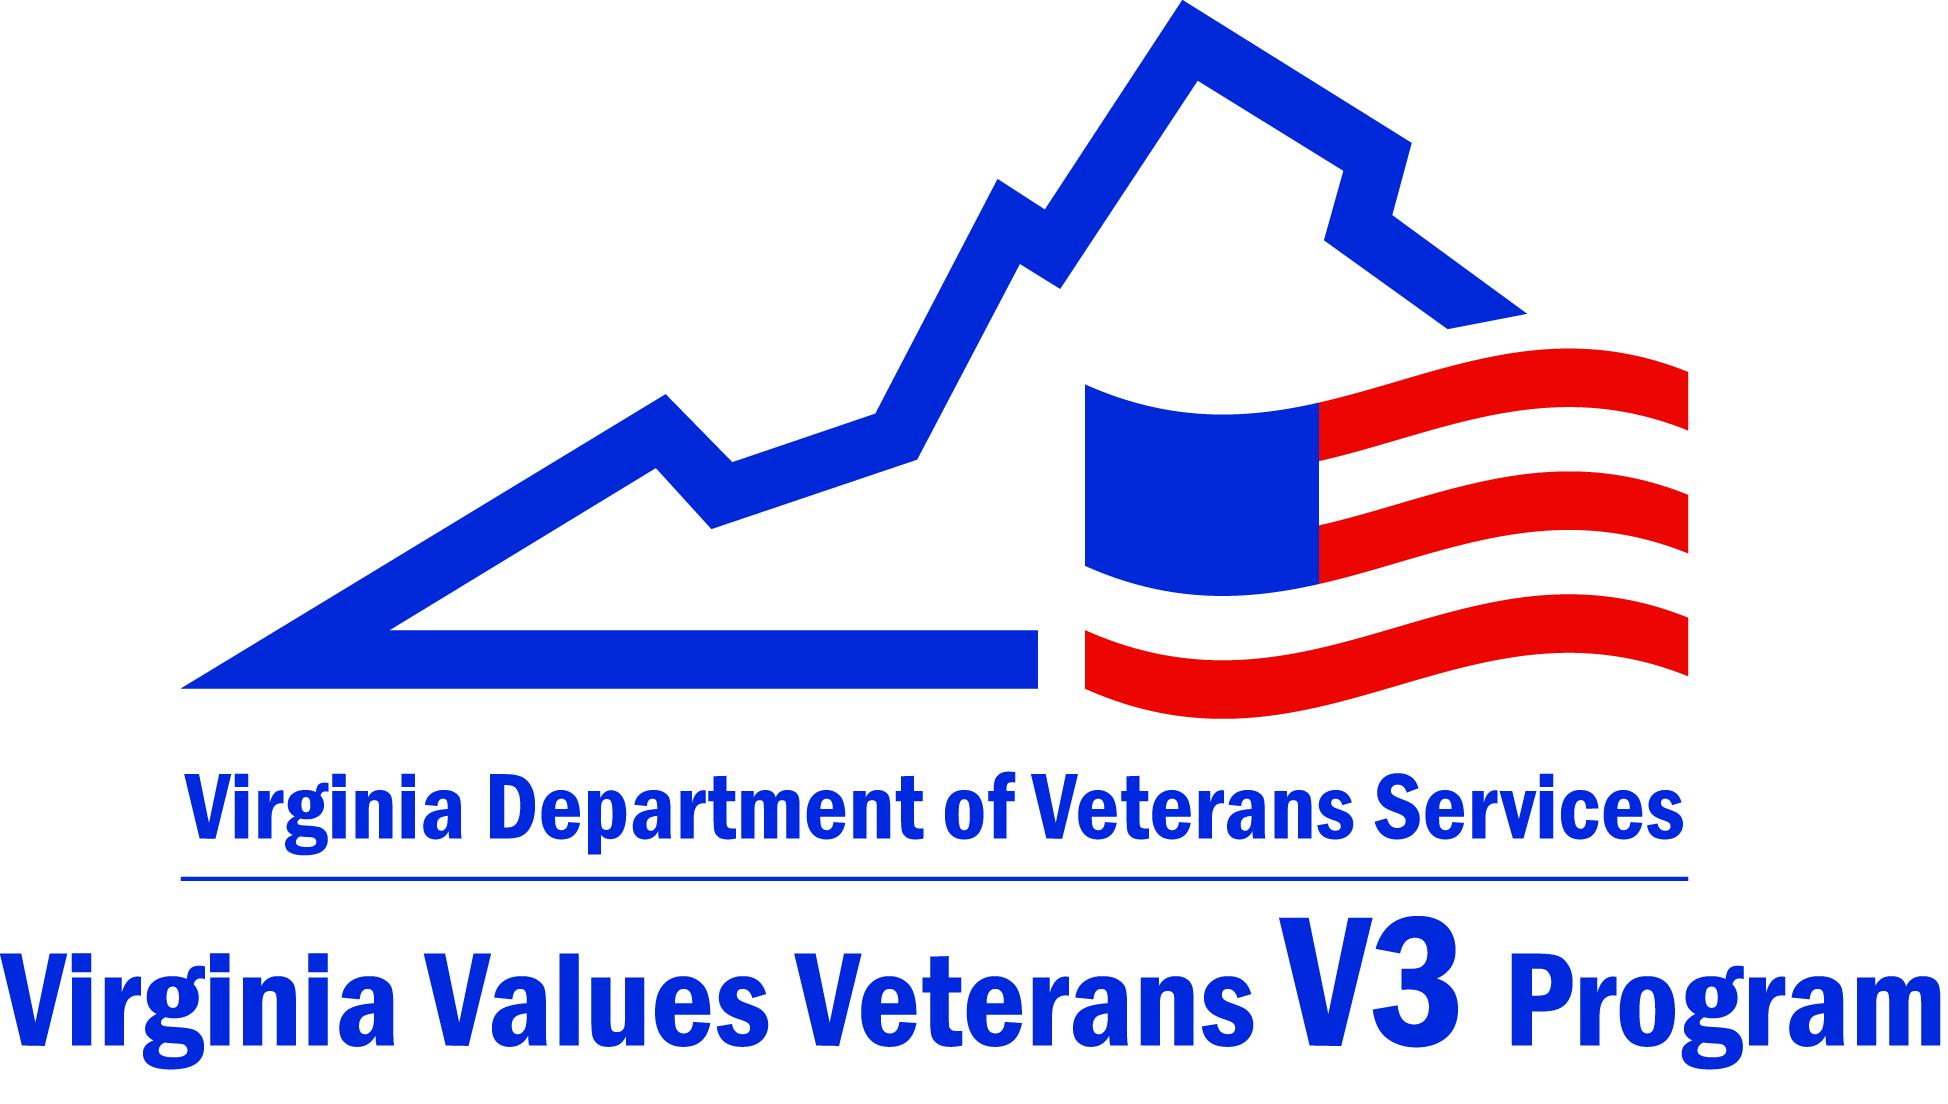 Virginia Values Veterans (V3) logo